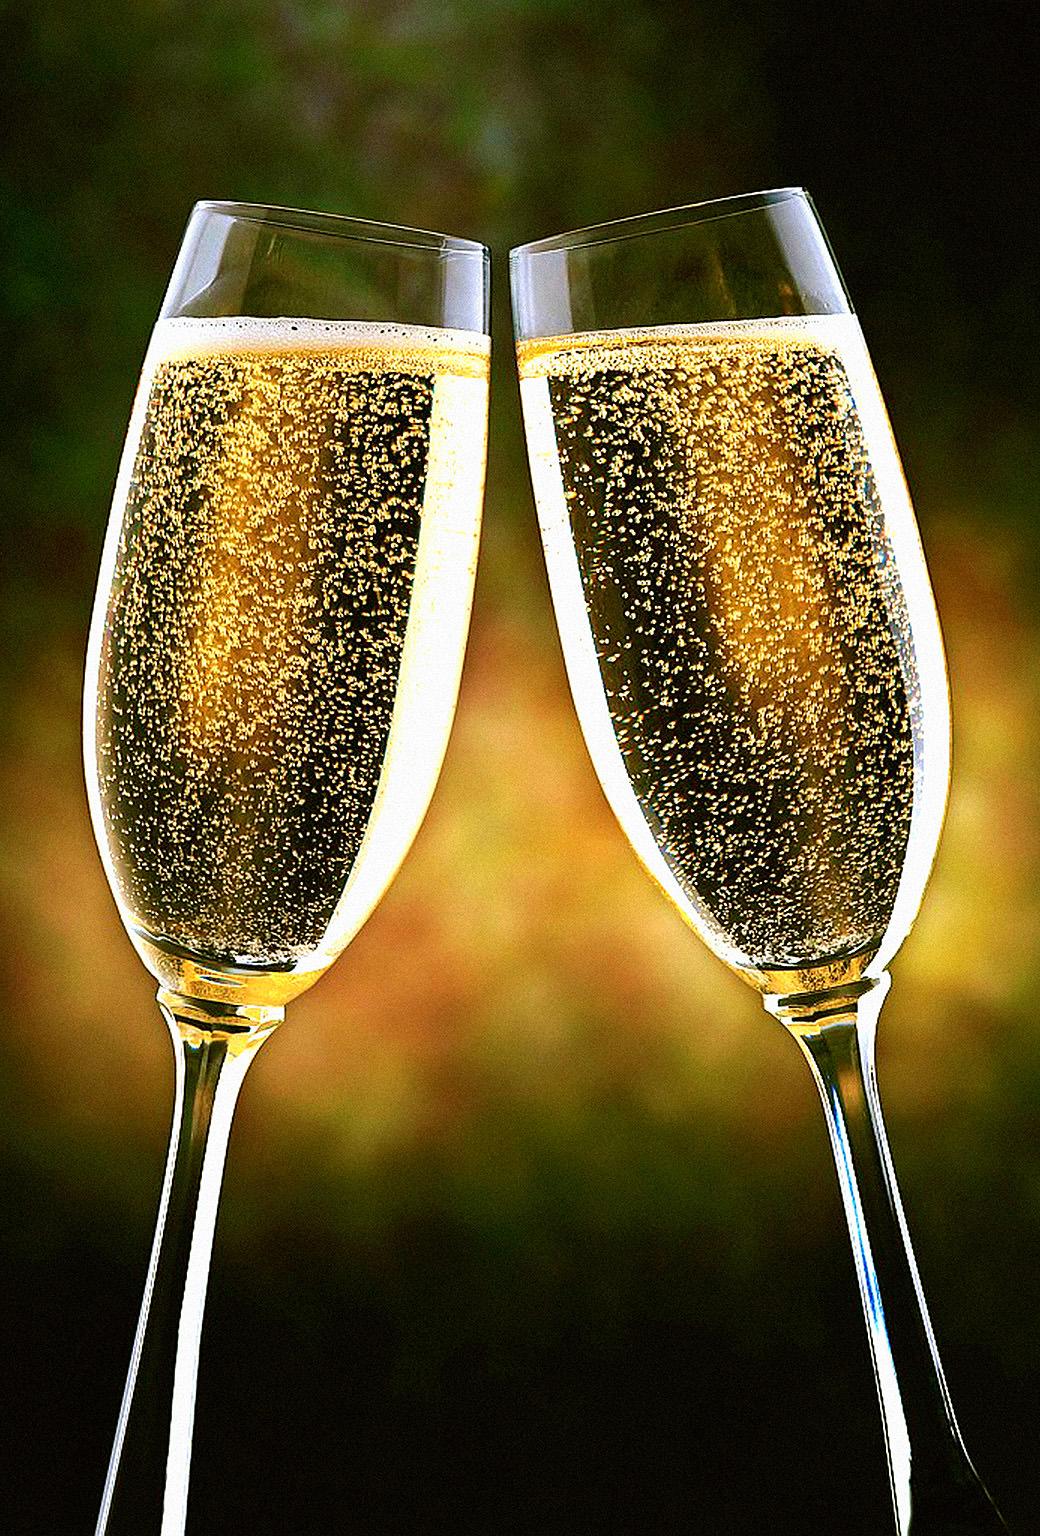 「カンパ~イ」といった時ノンアルコール シャンパンなら安心ね!のサムネイル画像